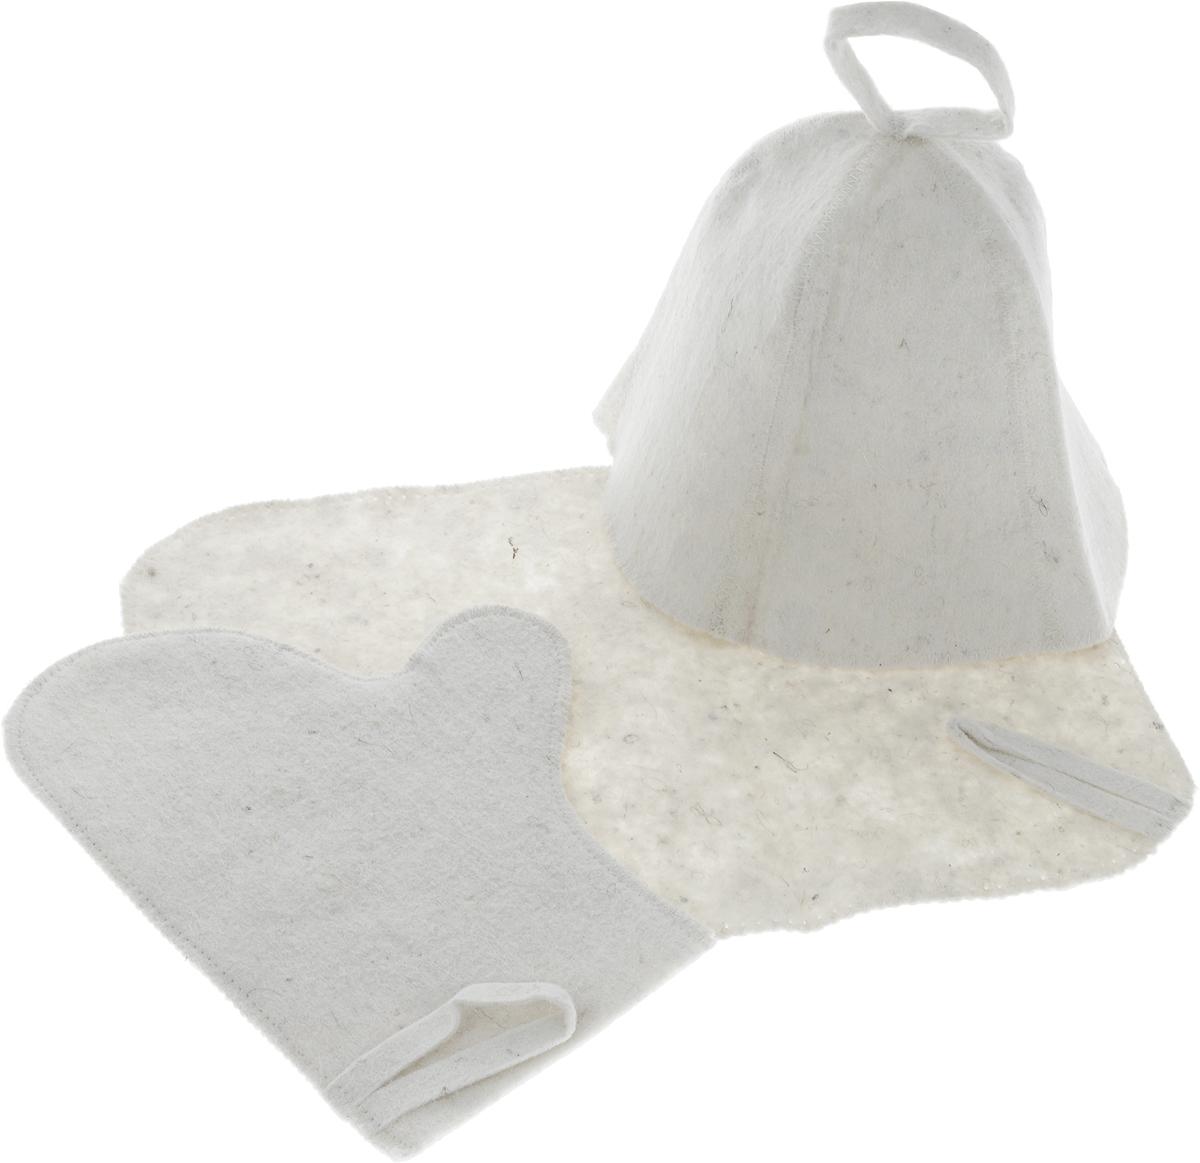 Набор для бани и сауны Proffi, 3 предметаPS0078_без надписейОригинальный набор для бани и сауны Proffi включает в себя шапку, рукавицу и коврик. Изделия выполнены из войлока. Шапка, рукавица и коврик - это незаменимые аксессуары для любителей попариться в русской бане и для тех, кто предпочитает сухой жар финской бани. Шапка защитит волосы от сухости и ломкости, голову от перегрева и предотвратит появление головокружения. Рукавица обезопасит ваши руки от появления ожогов, а коврик - от высоких температур при контакте с горячей лавкой в парилке. На изделиях имеются петельки, с помощью которых их можно повесить на крючок в предбаннике. Такой набор станет отличным подарком для любителей отдыха в бане или сауне. Размер коврика: 40 х 30 см. Размер шапки: 23 х 23 х 24 см. Размер рукавицы: 28 х 22 см.